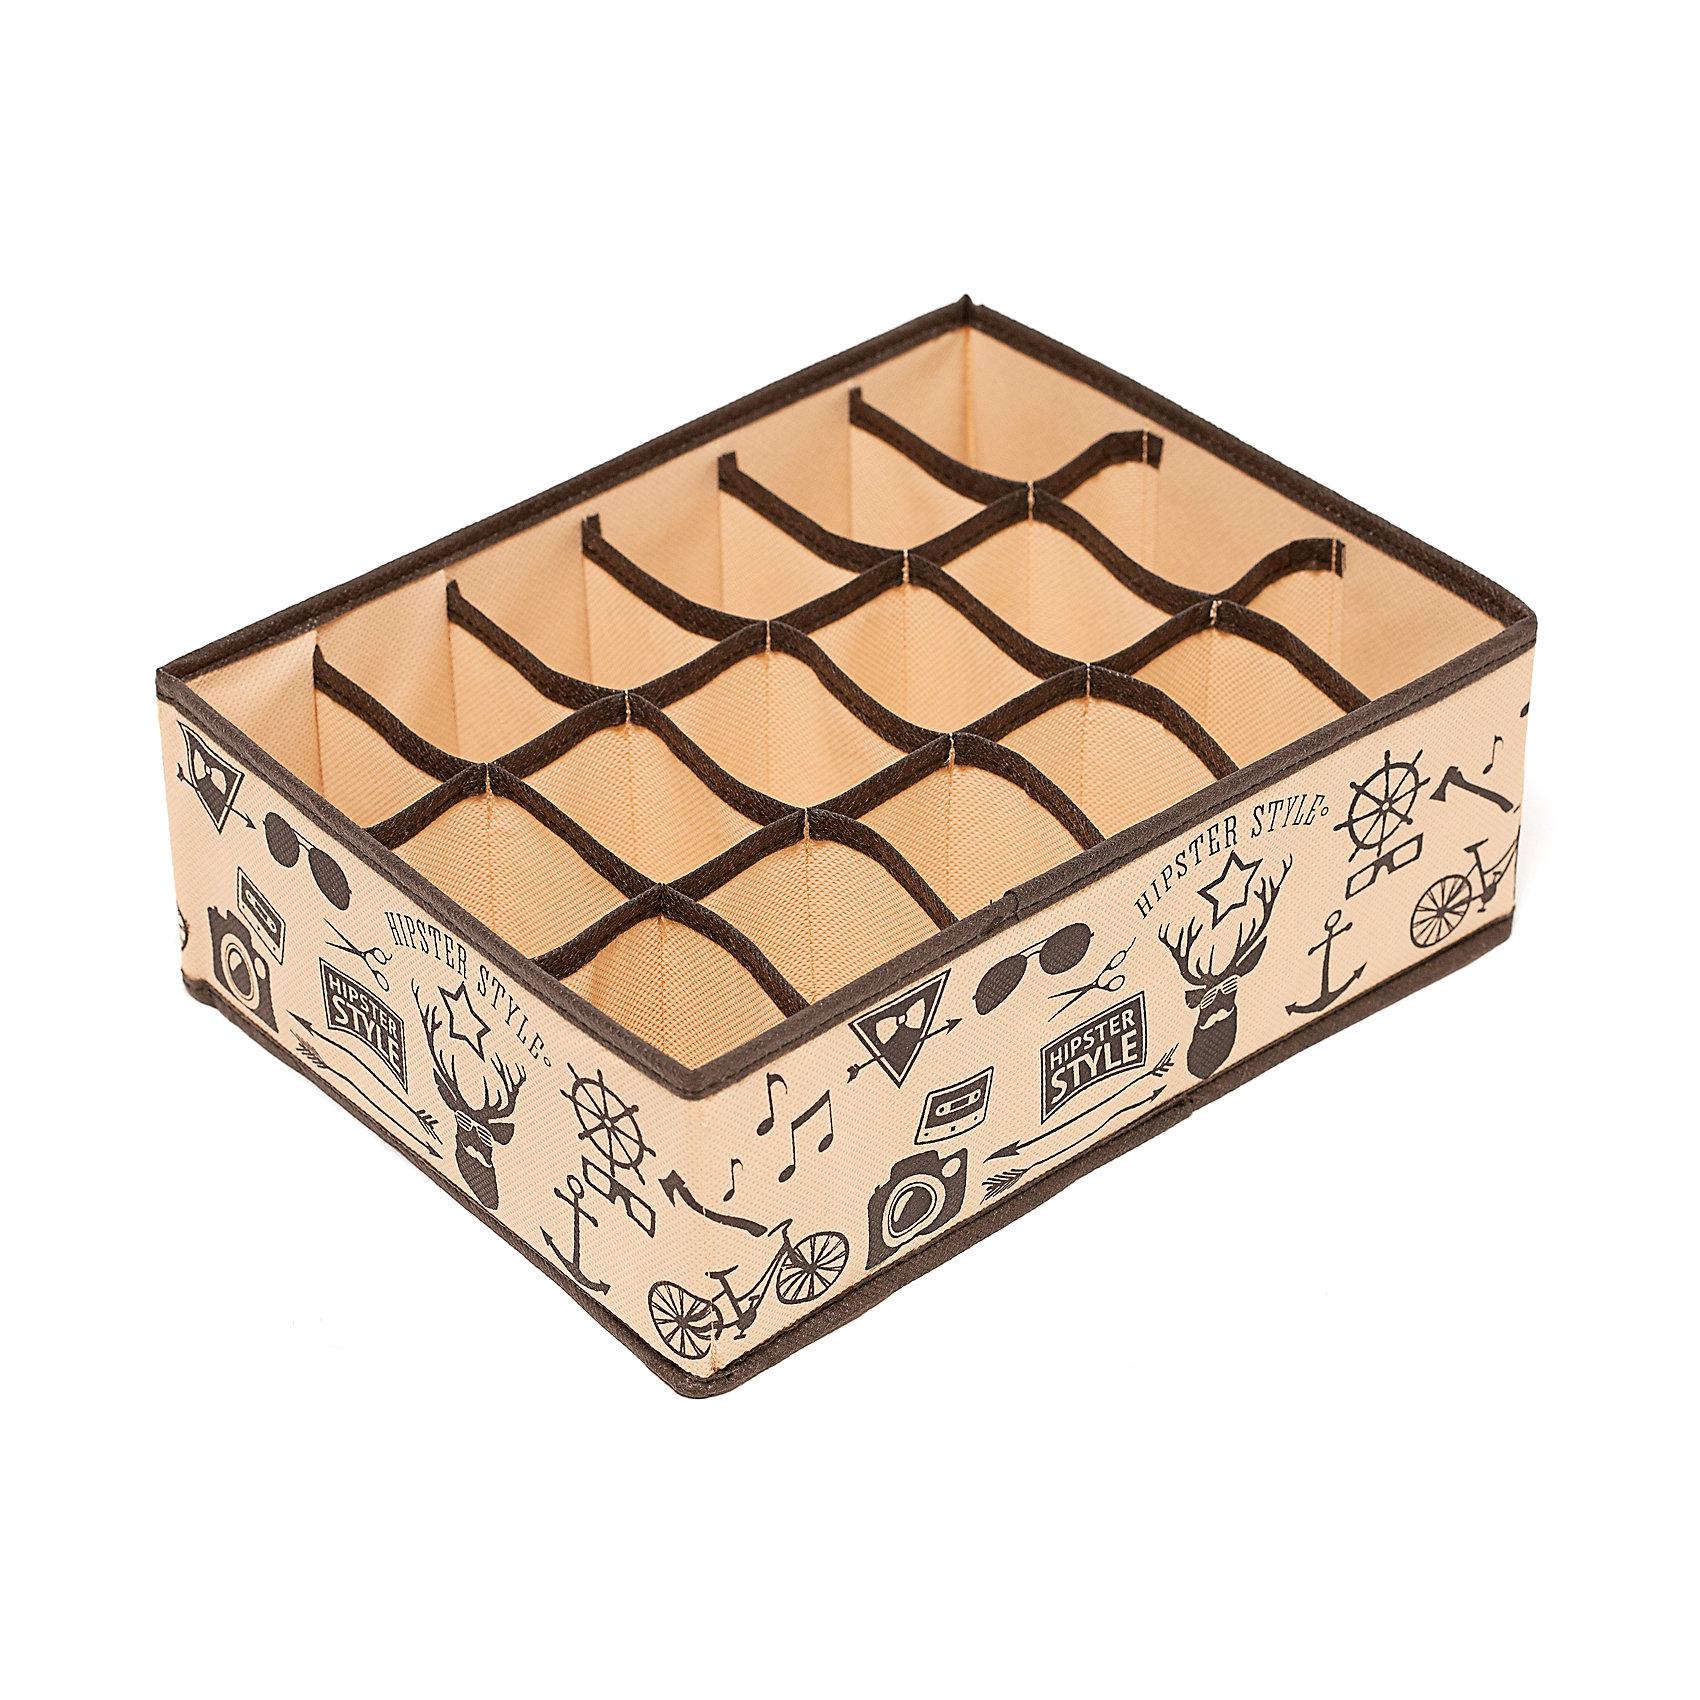 Органайзер на 18 секций Hipster Style (31*24*11), HomsuПорядок в детской<br>Прямоугольный и плоский органайзер имеет 18 раздельных ячеек размером 7Х5см, очень удобен для хранения мелких вещей в вашем ящике или на полке. Идеально для носков, платков, галстуков и других вещей ежедневного пользования. Имеет жесткие борта, что является гарантией сохранности вещей. Подходит в шкафы Били от Икея.<br><br>Ширина мм: 530<br>Глубина мм: 110<br>Высота мм: 20<br>Вес г: 200<br>Возраст от месяцев: 216<br>Возраст до месяцев: 1188<br>Пол: Унисекс<br>Возраст: Детский<br>SKU: 5620136